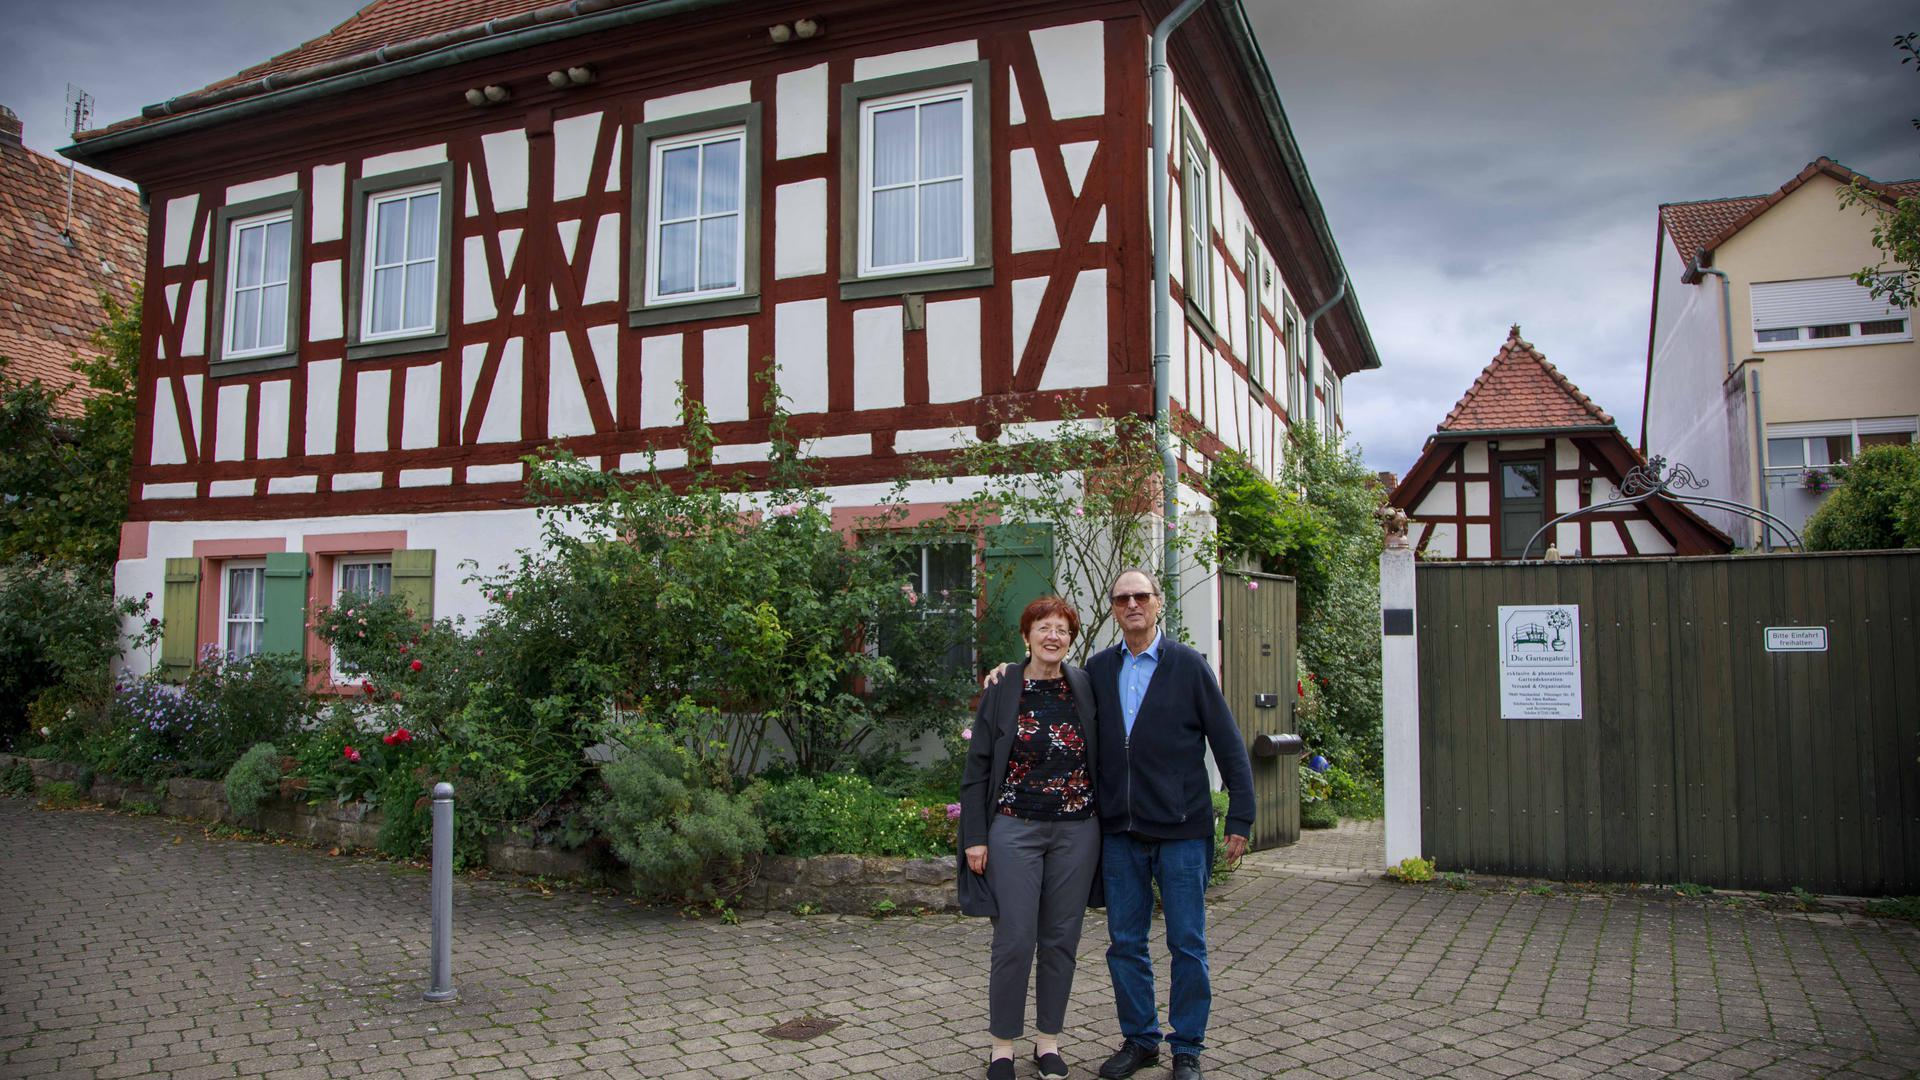 Monika und Gerd Tittlbach vor dem alten Rathauses